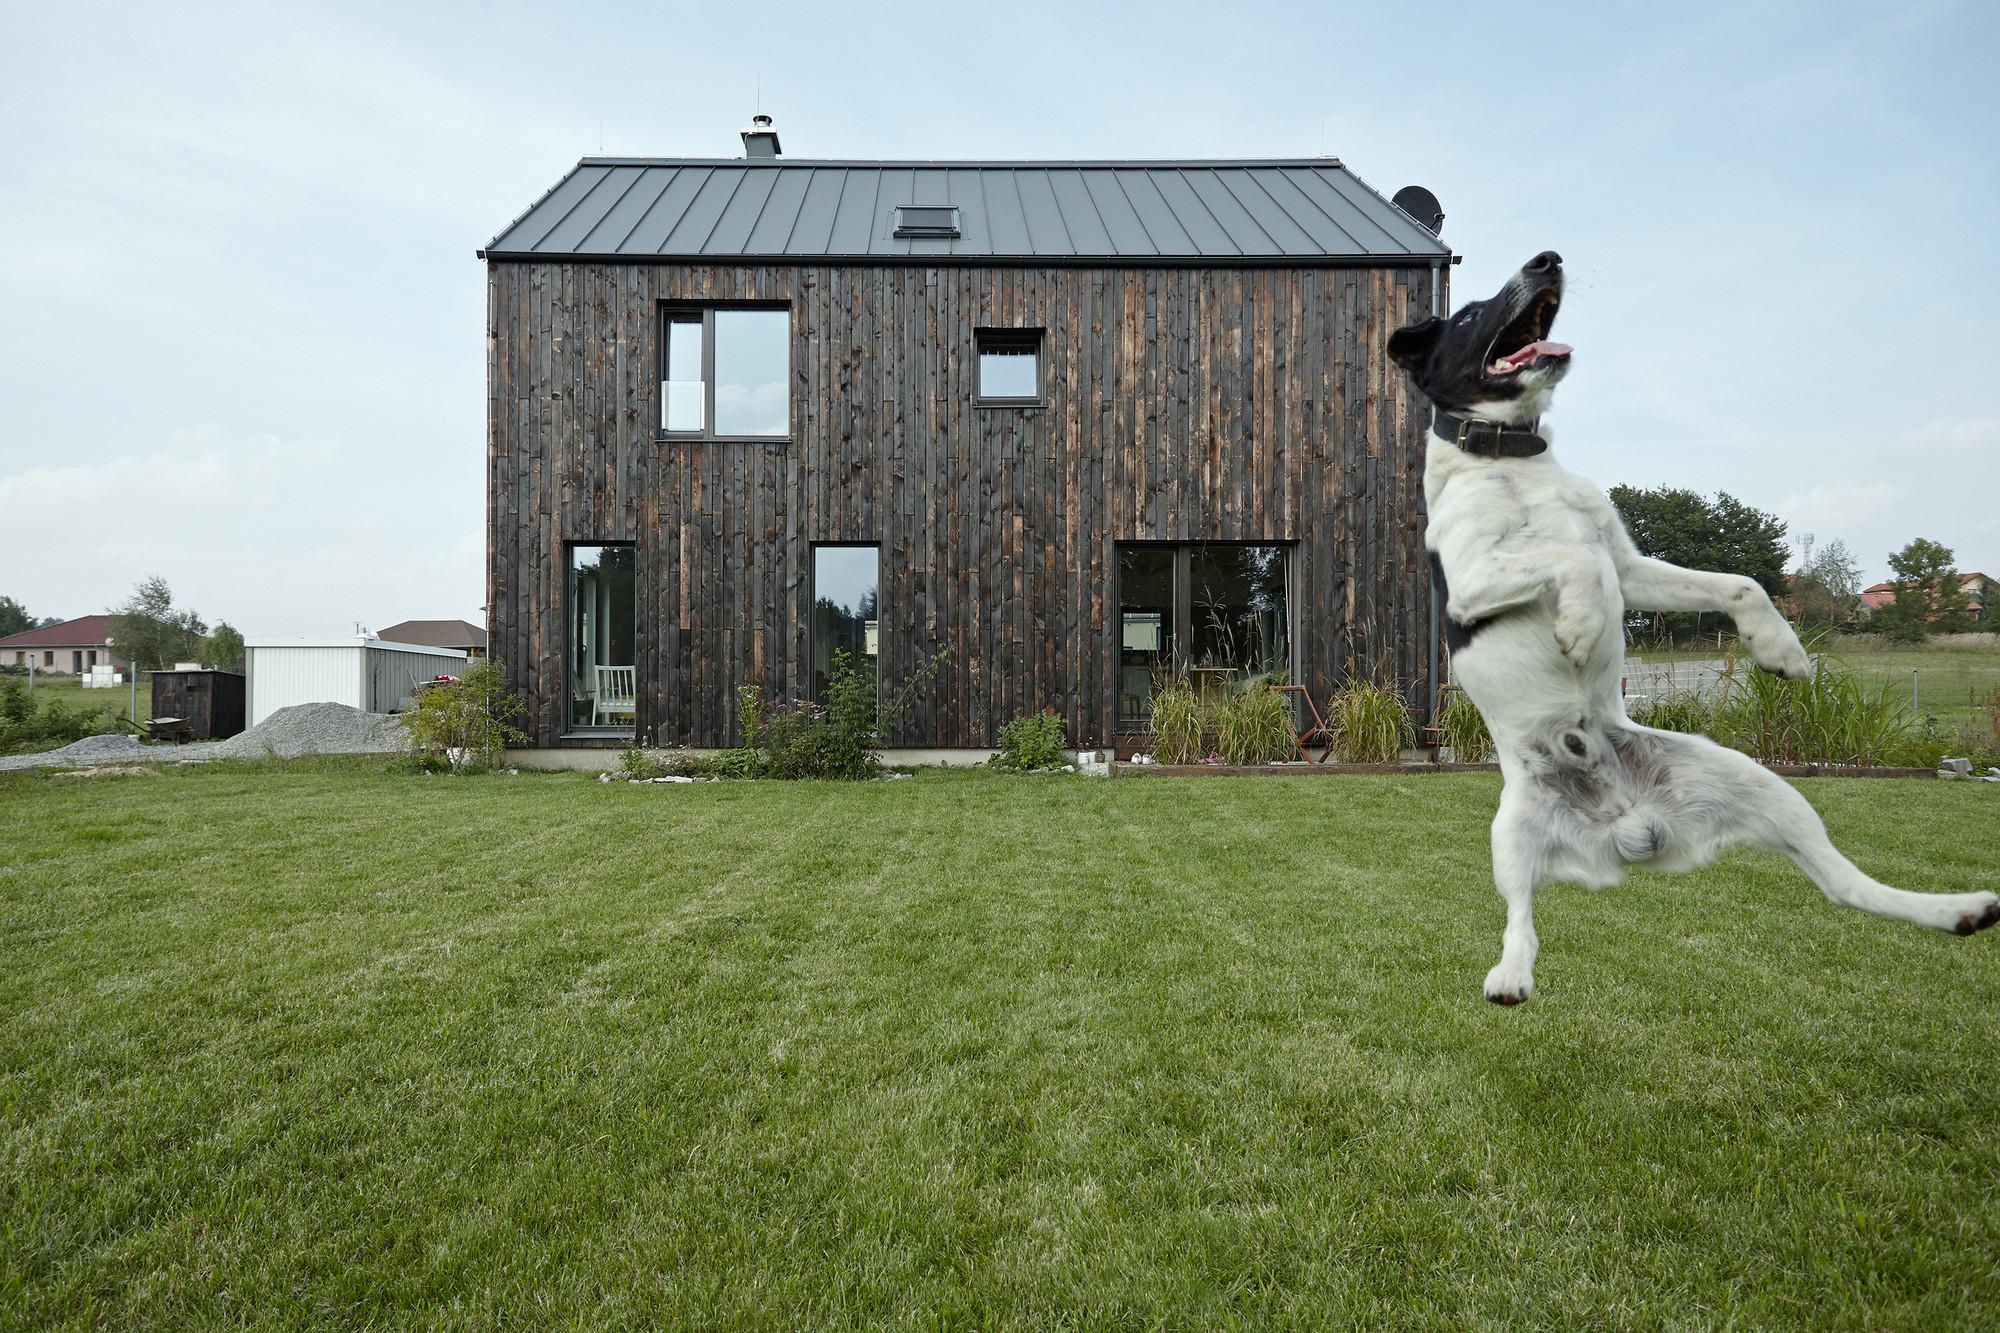 Casa Dox / Mjölk architekti, © BoysPlayNice